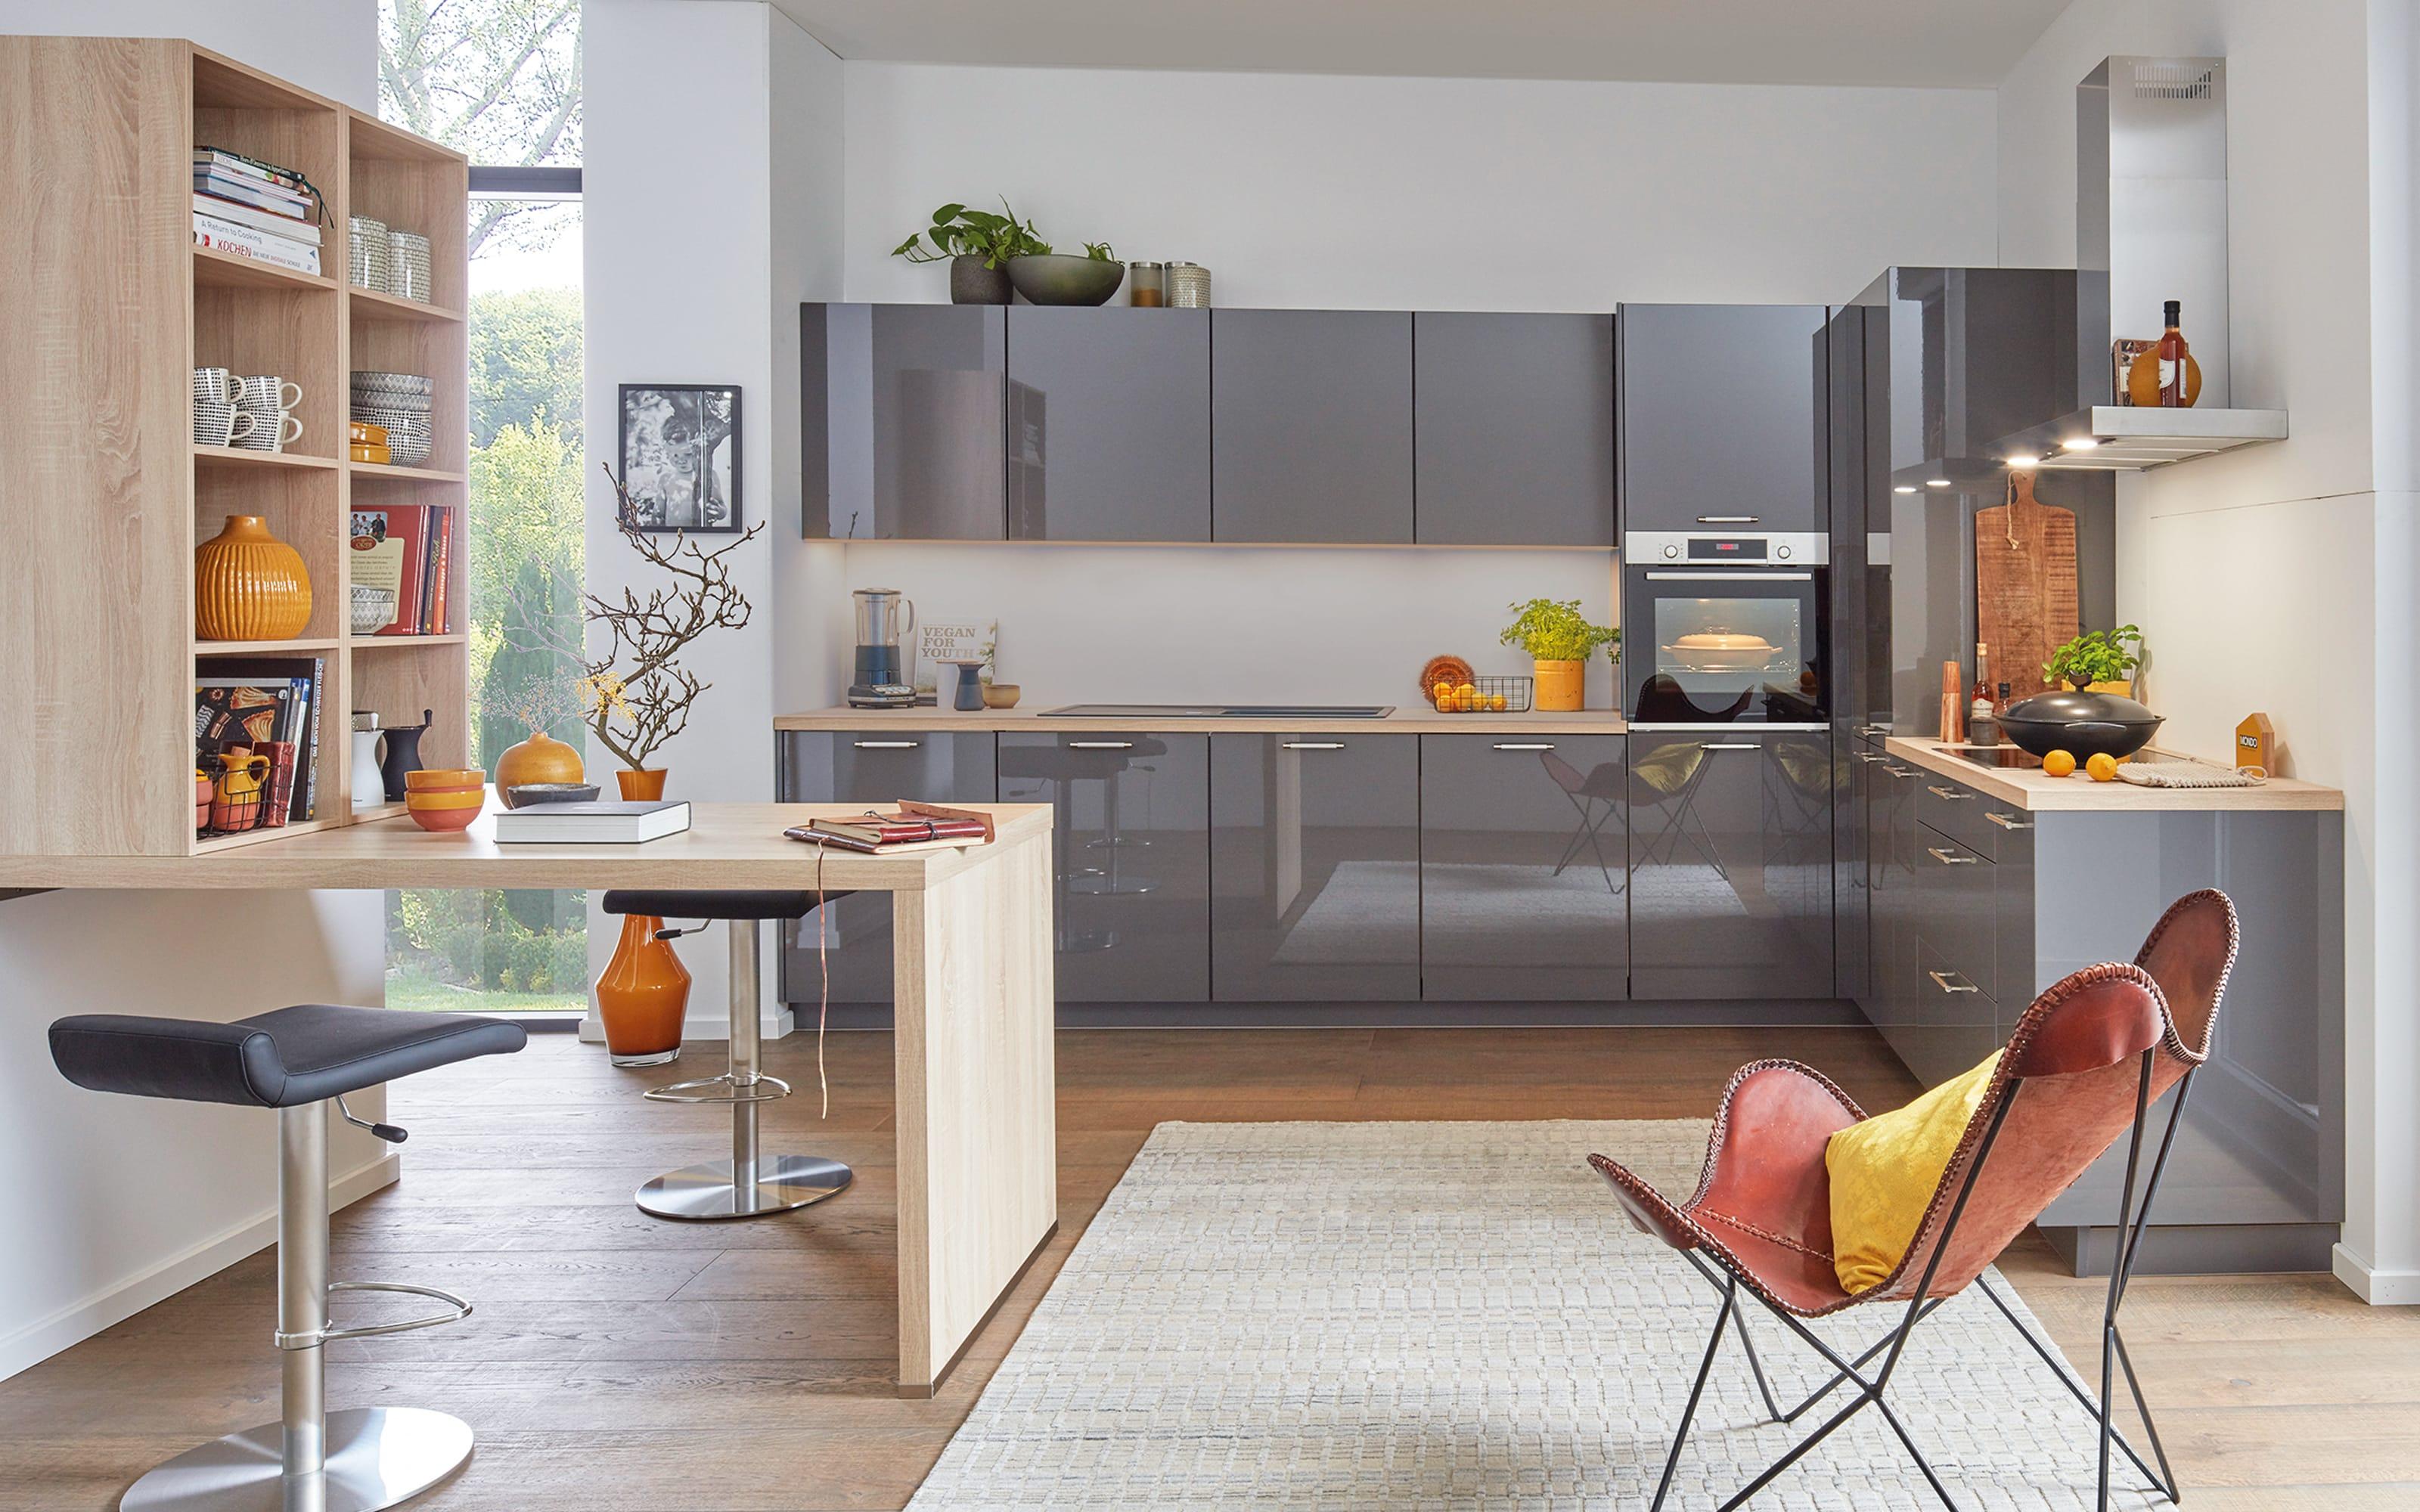 Einbauküche Flash, schiefergrau Hochglanz, inklusive Miele Backofen, inklusive Elektrogeräte